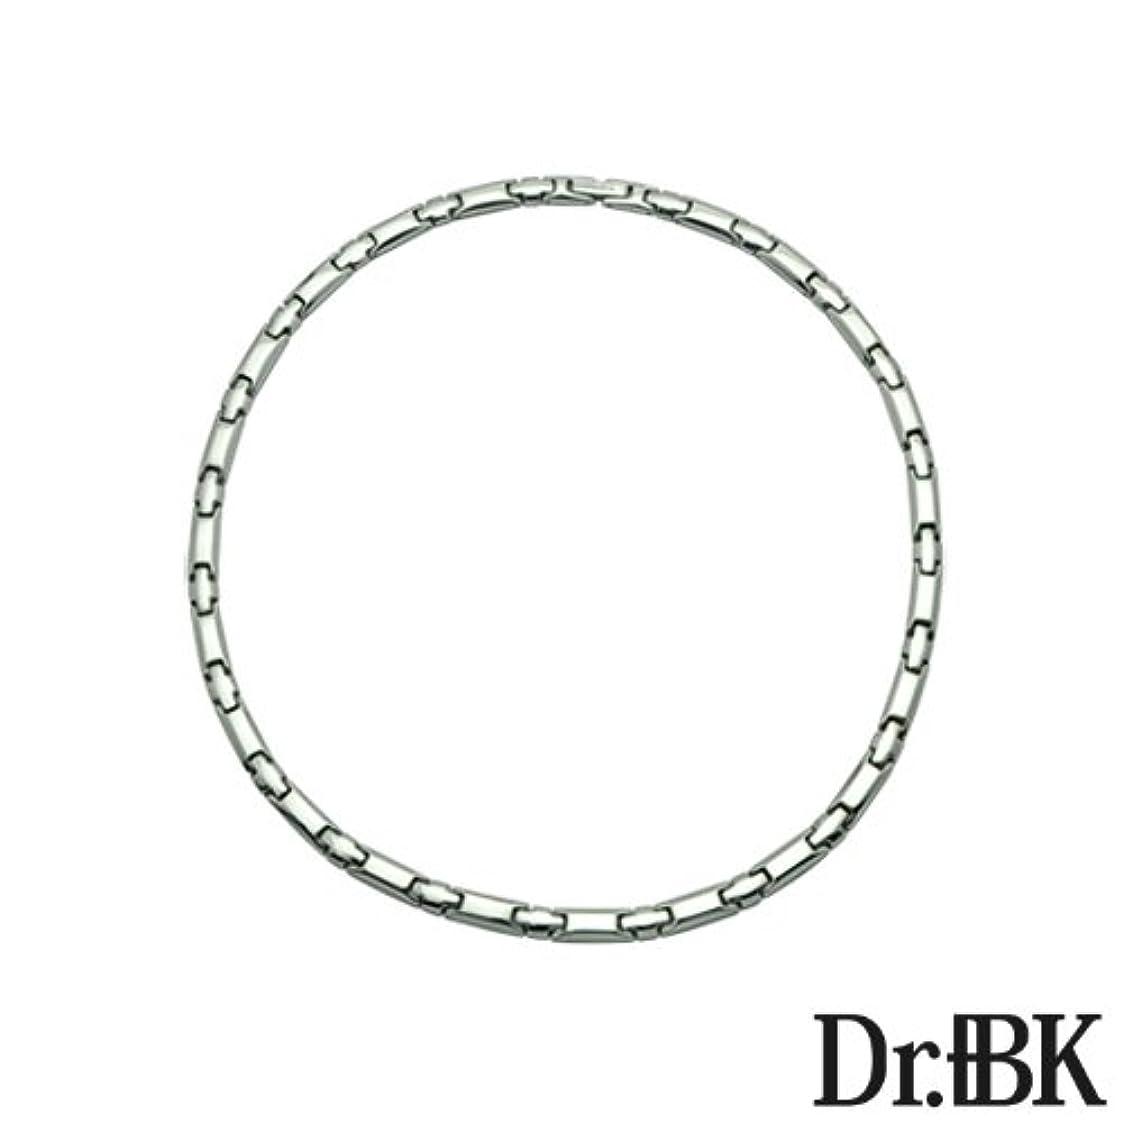 クスコ走る粘液Dr.+BK ゲルマニウムネックレス NS001TS3(シルバー) (M(‐763146GK))